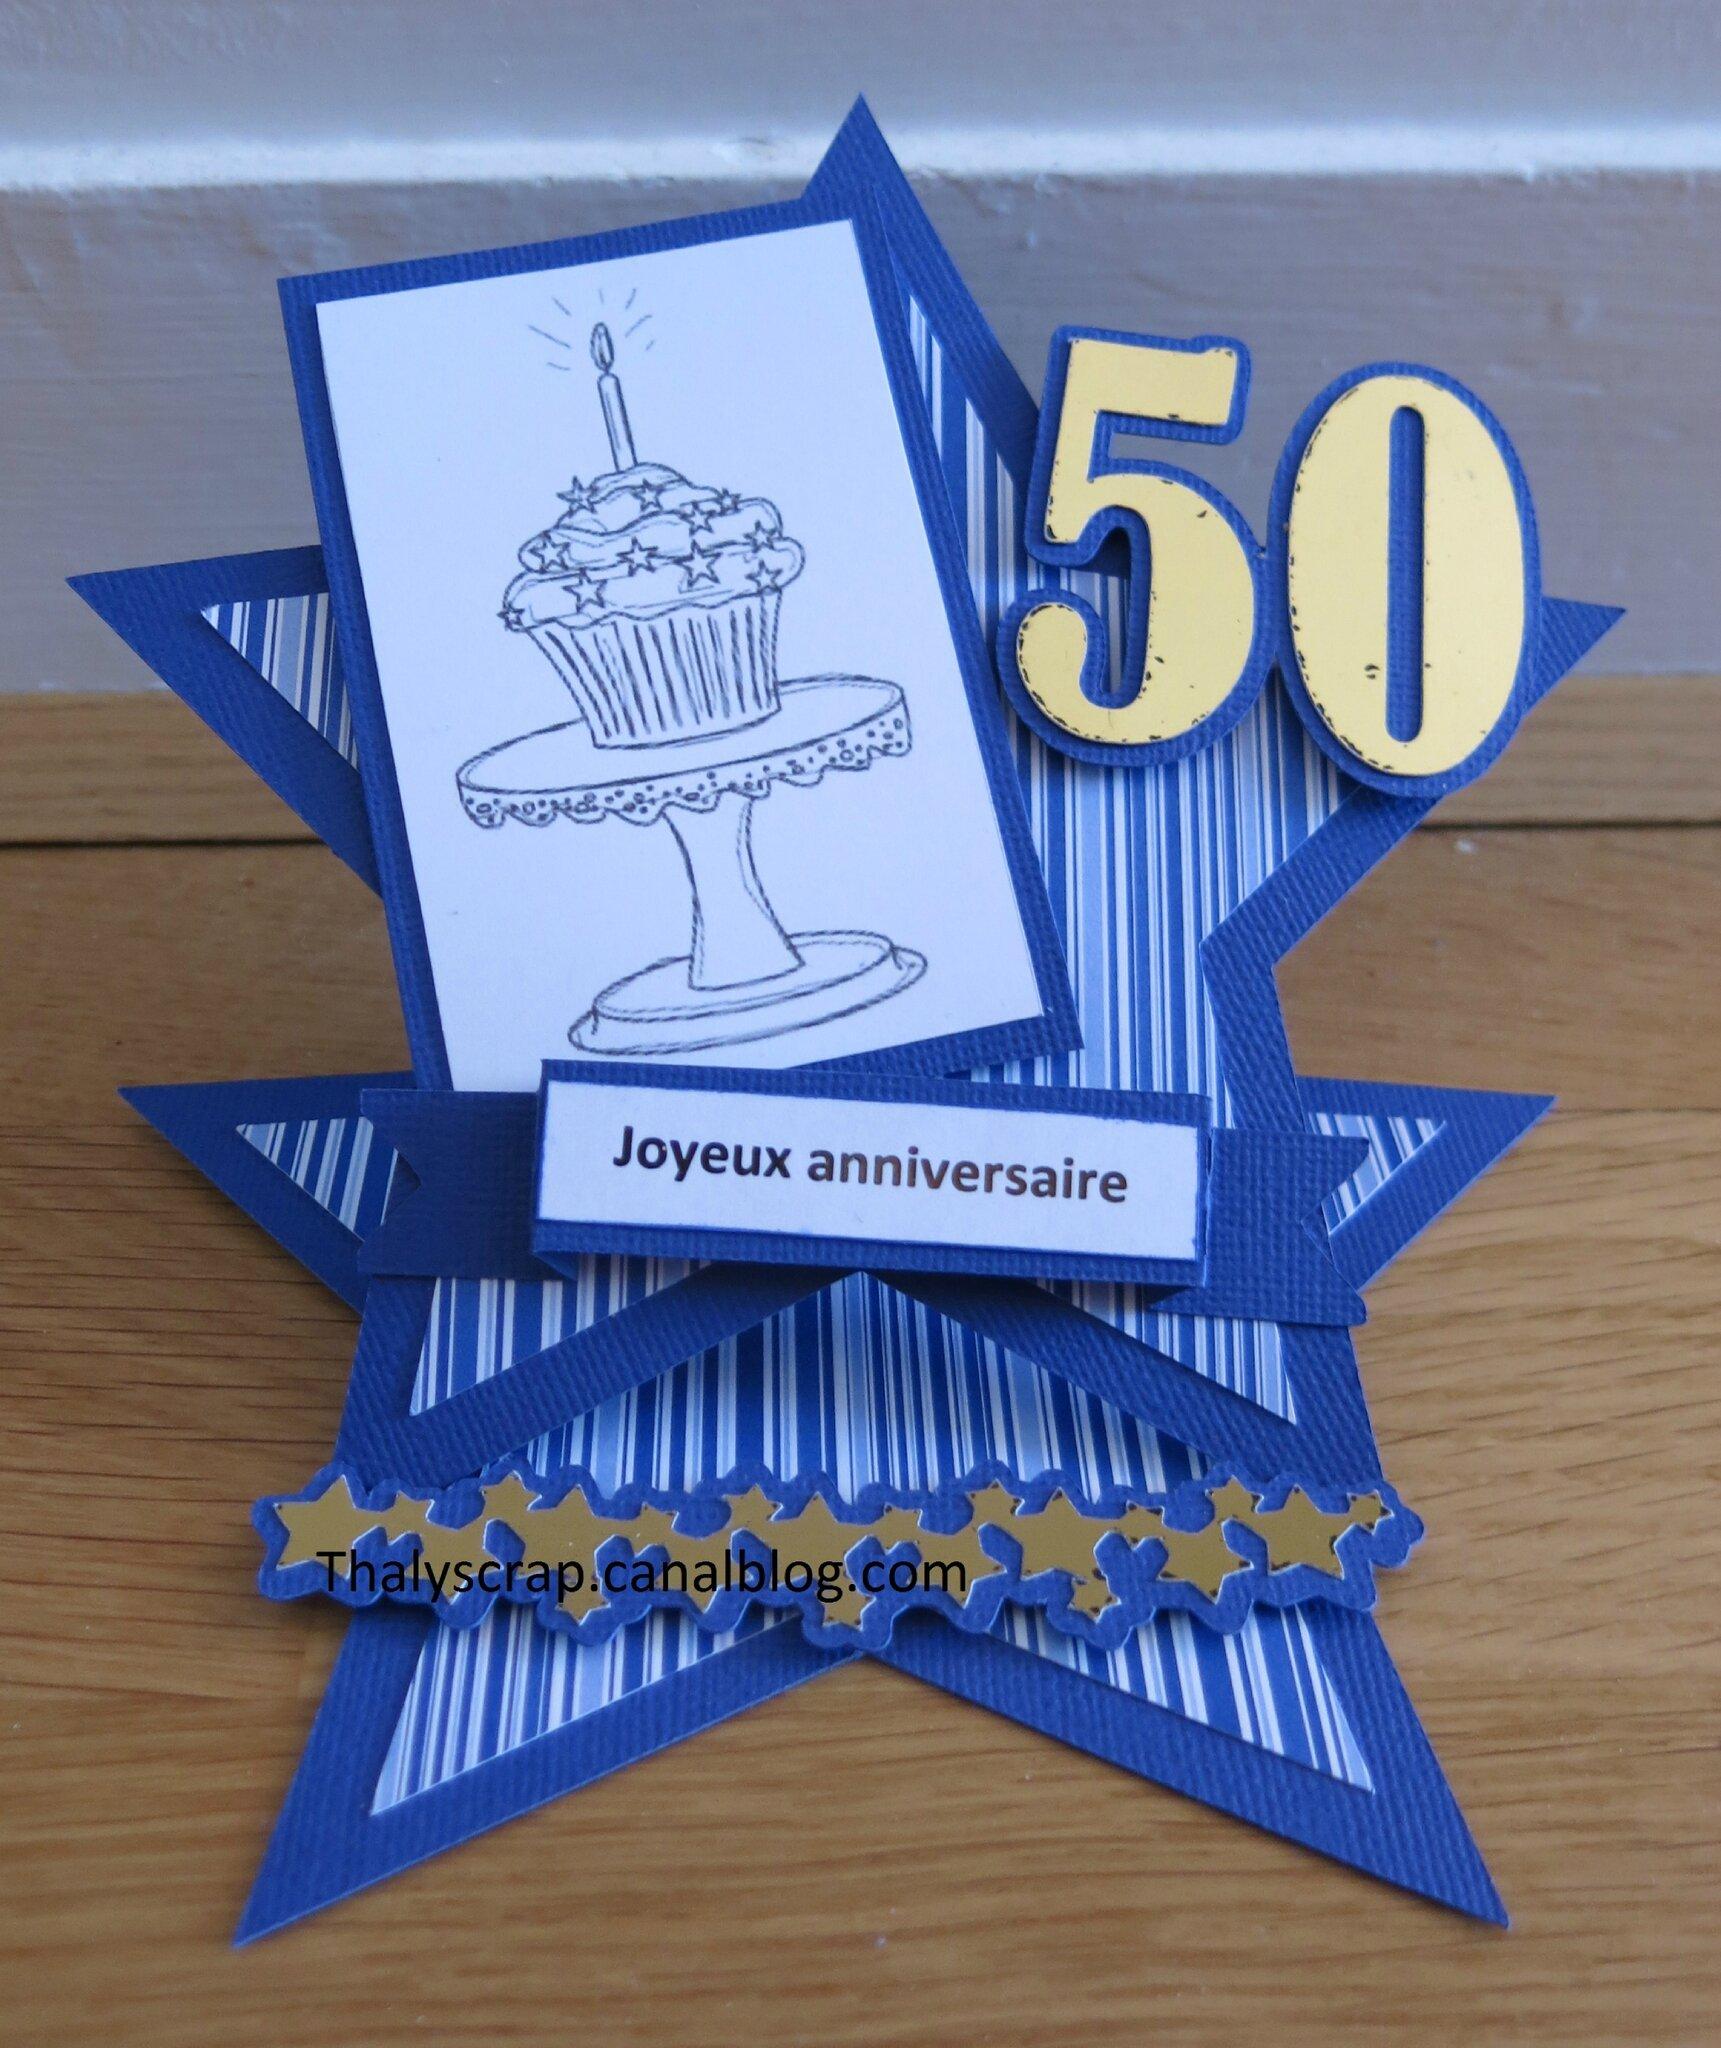 Etoile chevalet 50 ans - 02 b